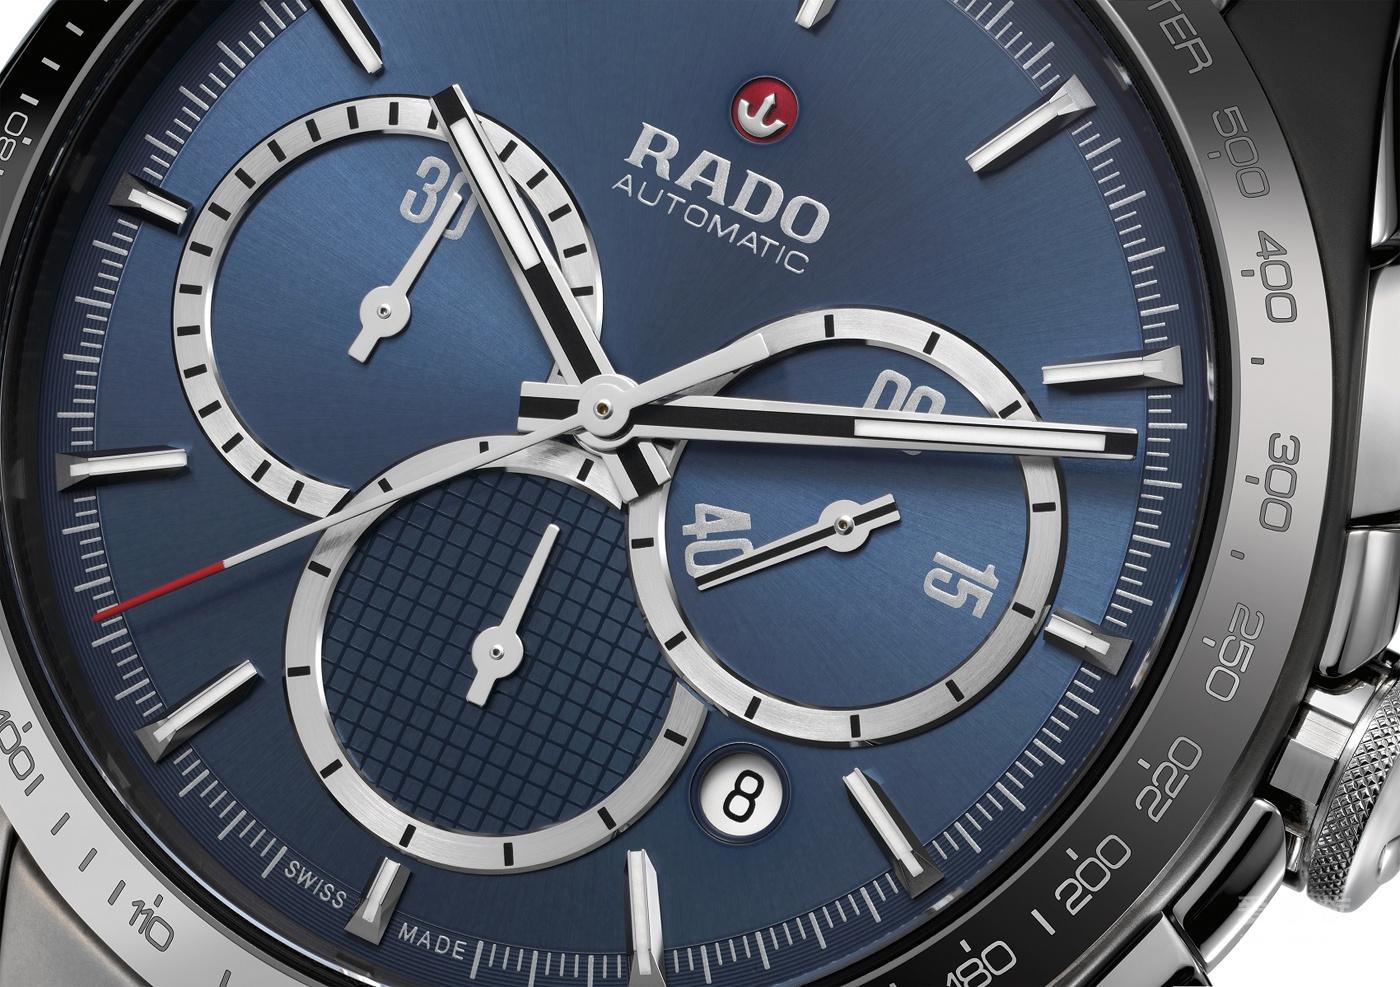 全新RADO 瑞士雷达表HyperChrome 皓星系列制胜时刻限量版腕表闪亮登场